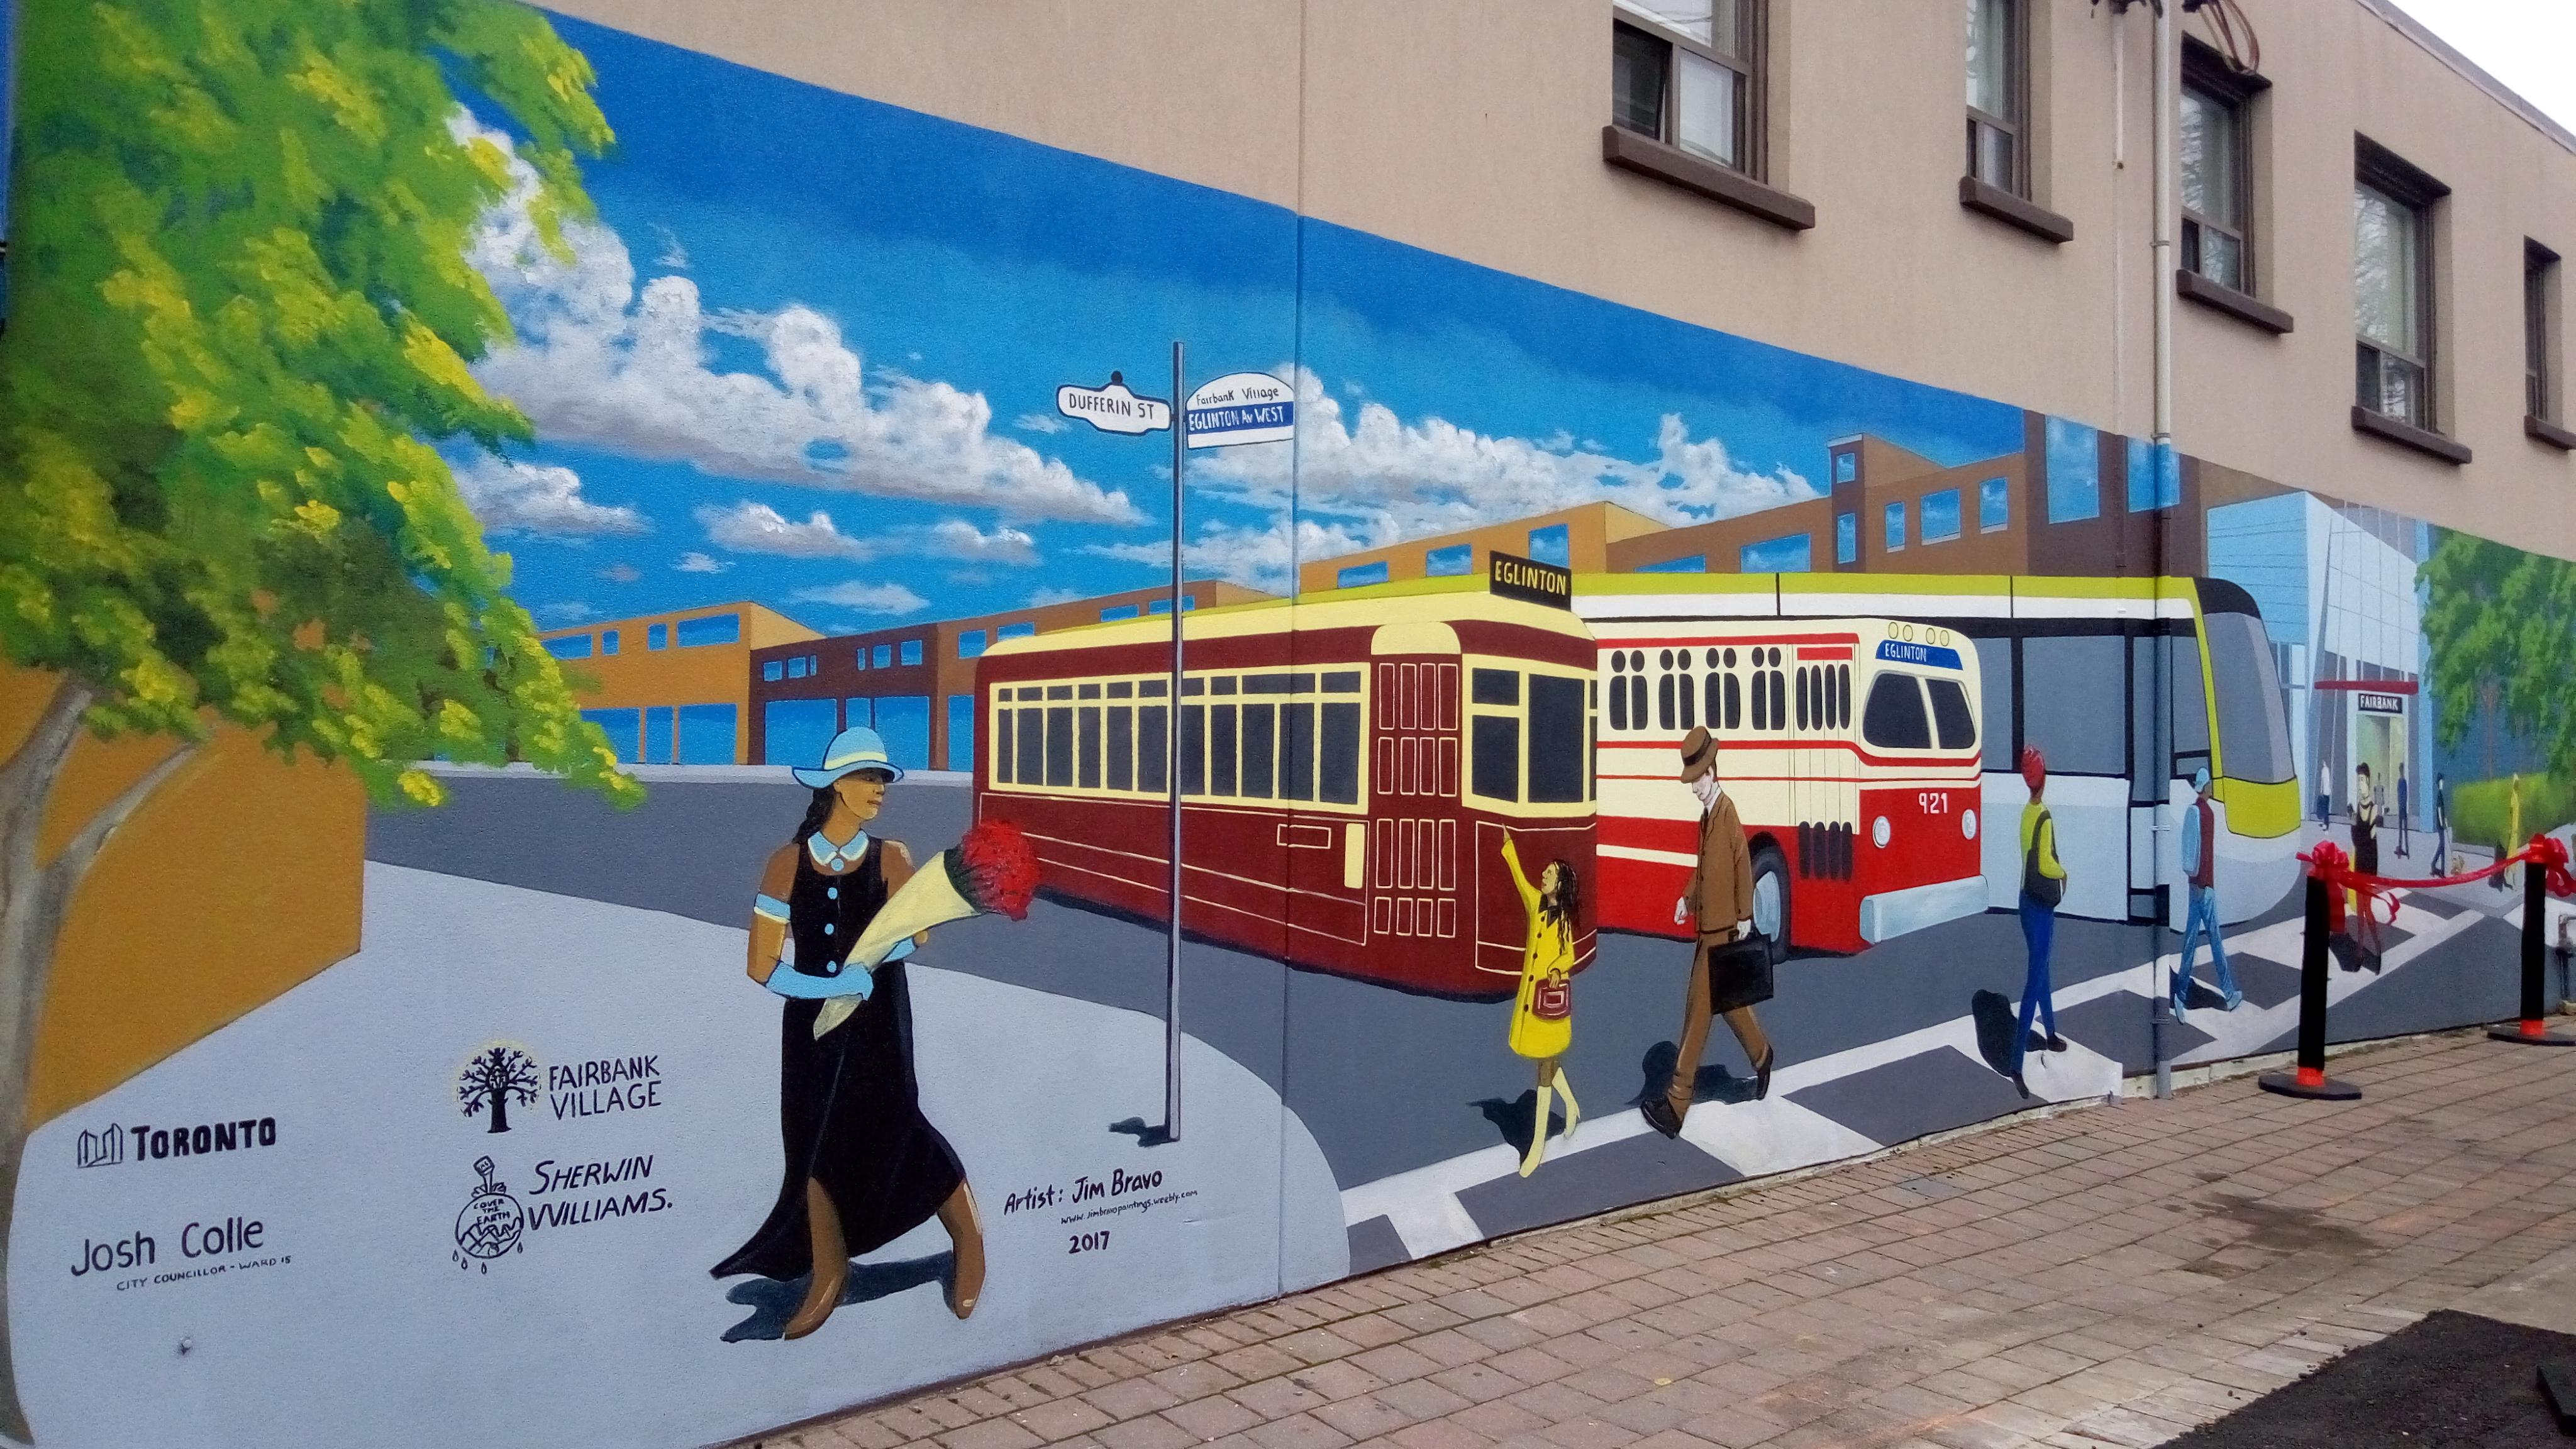 Fairbank Village Mural